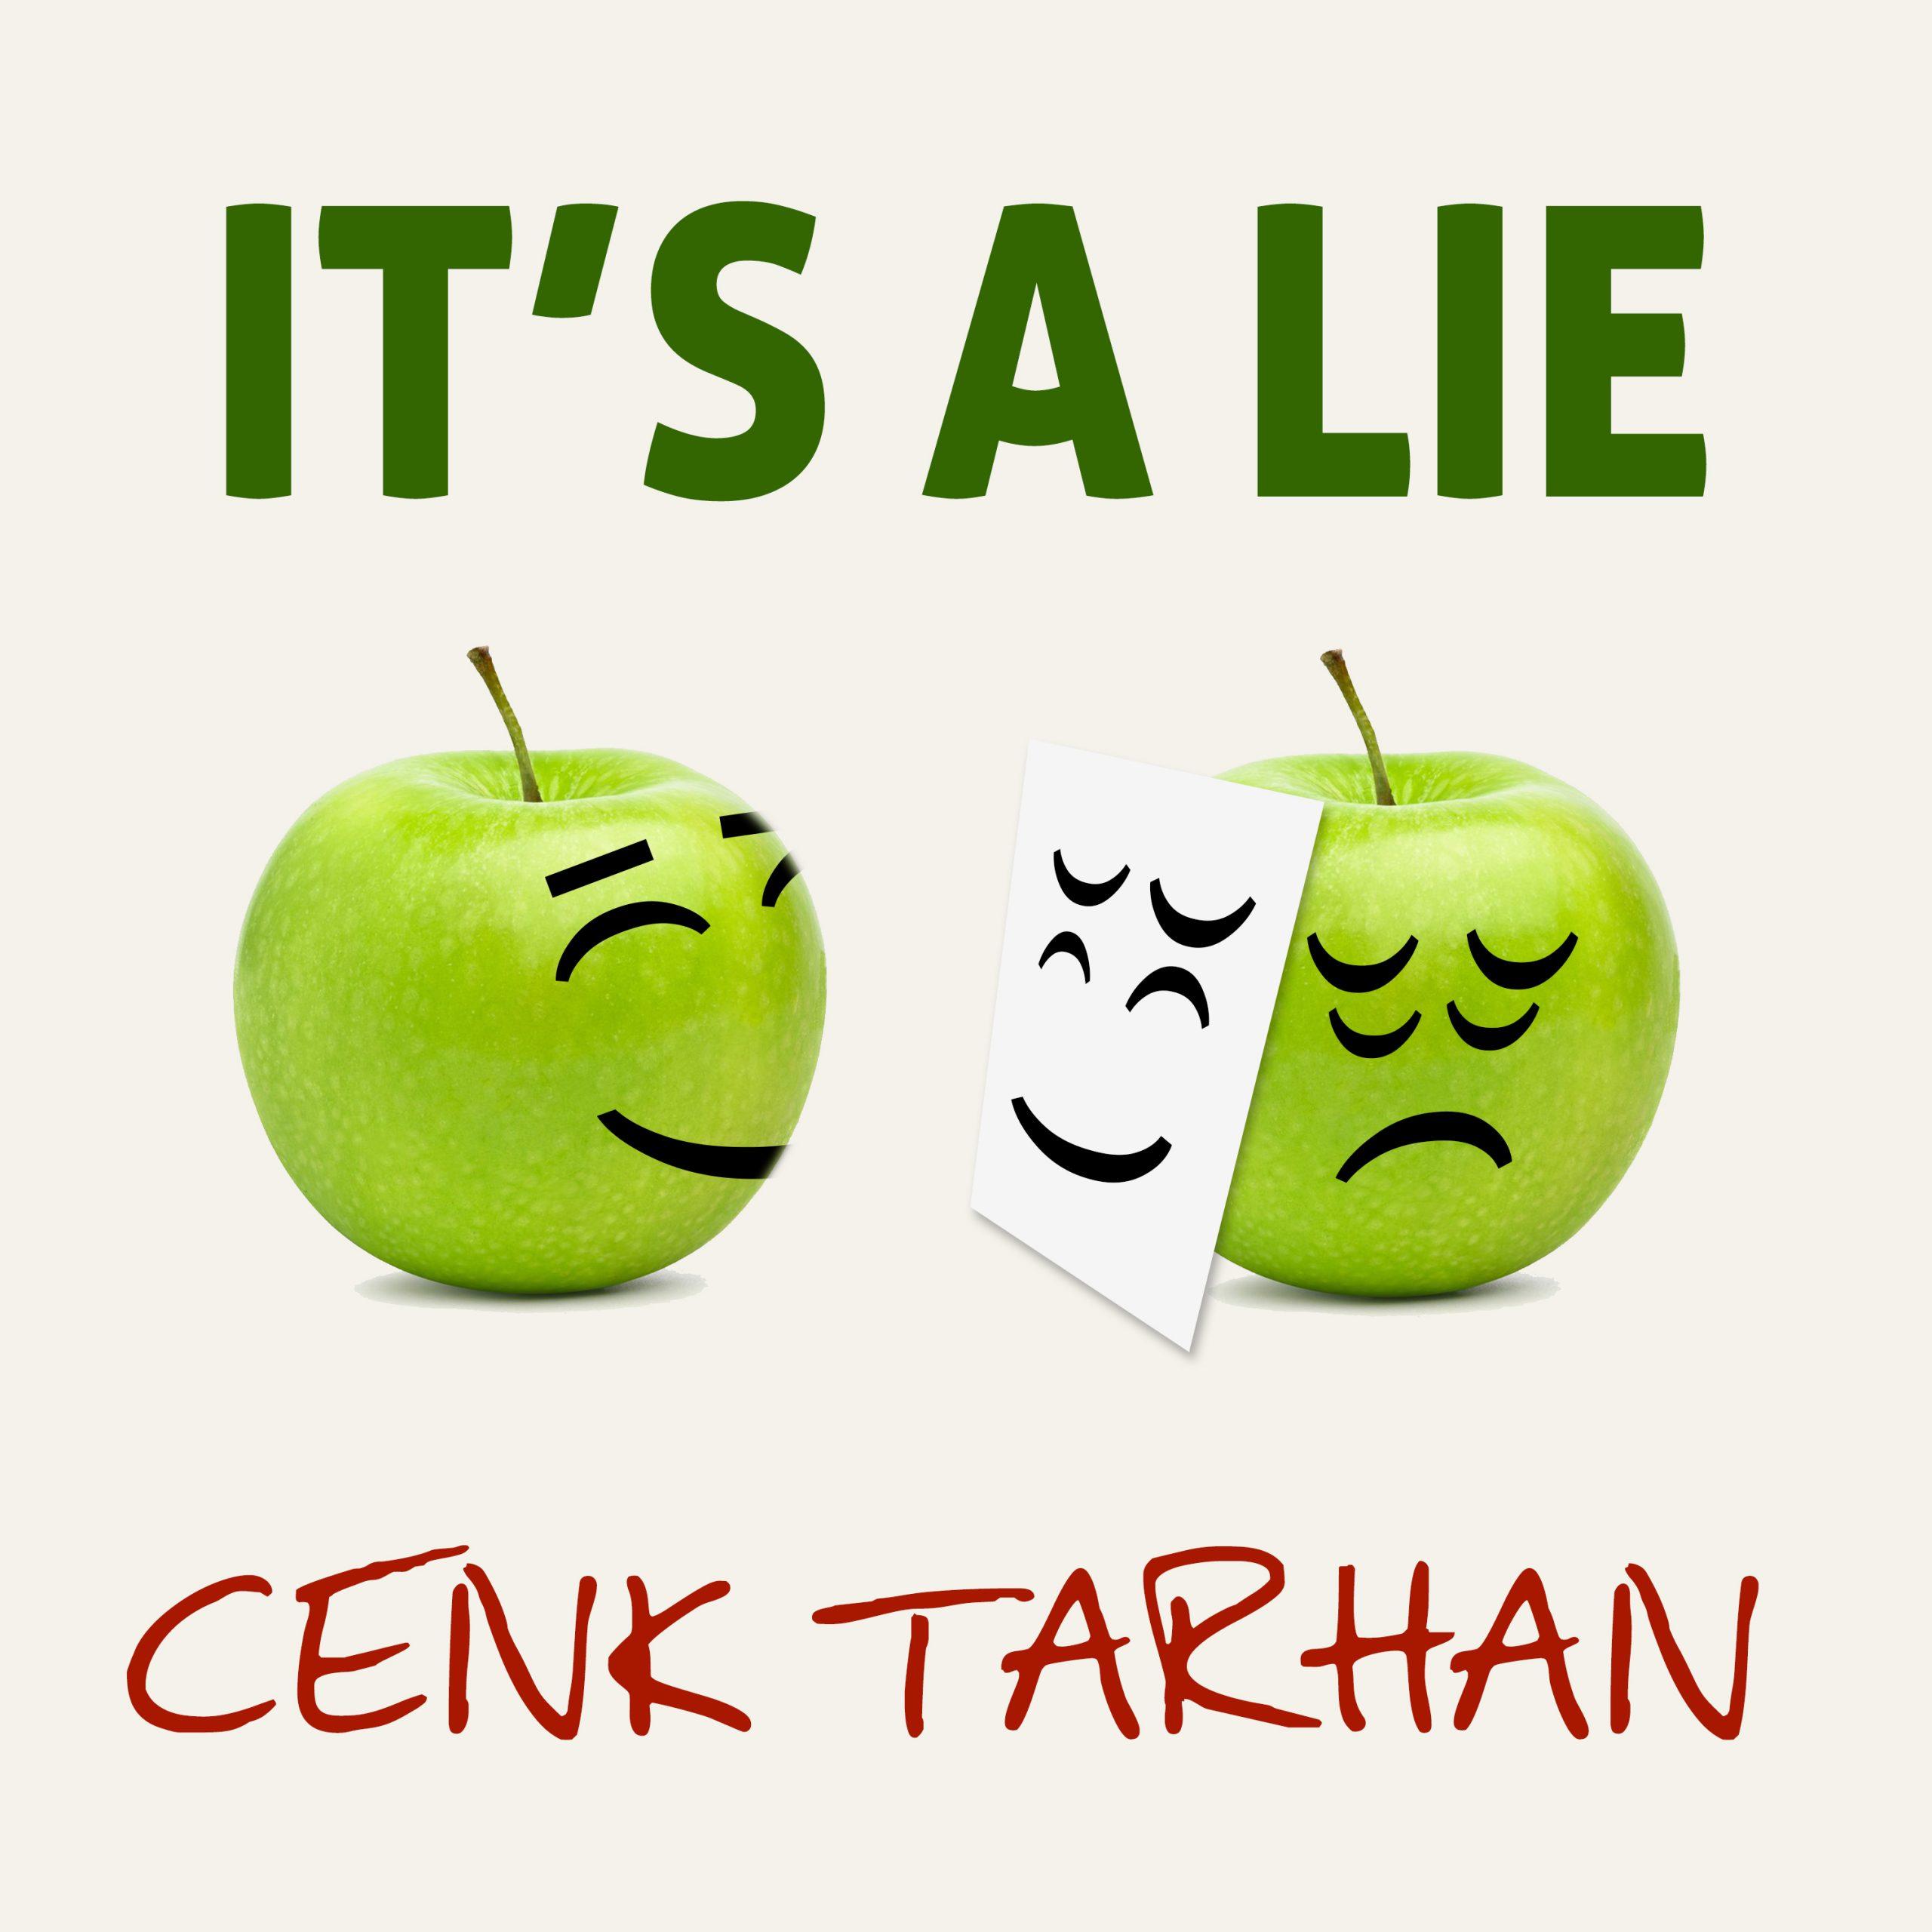 CENK TARHAN – IT'S A LIE